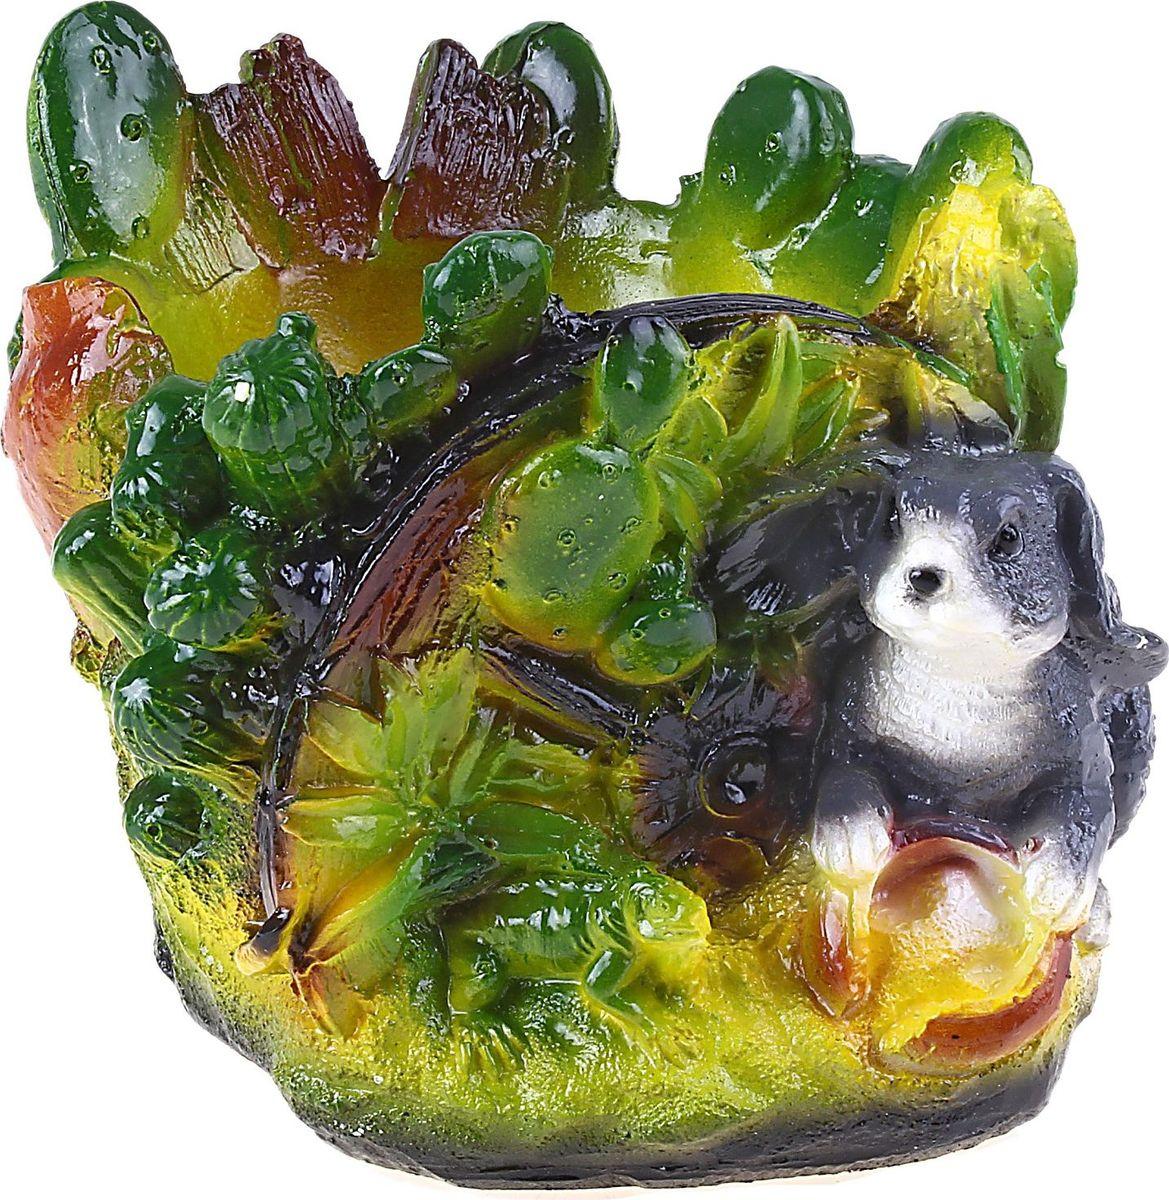 Кашпо Зайчик, 15 х 13 х 11 см644539Комнатные растения — всеобщие любимцы. Они радуют глаз, насыщают помещение кислородом и украшают пространство. Каждому из растений необходим свой удобный и красивый дом. Поселите зелёного питомца в яркое и оригинальное фигурное кашпо. Выберите подходящую форму для детской, спальни, гостиной, балкона, офиса или террасы. #name# позаботится о растении, украсит окружающее пространство и подчеркнёт его оригинальный стиль.